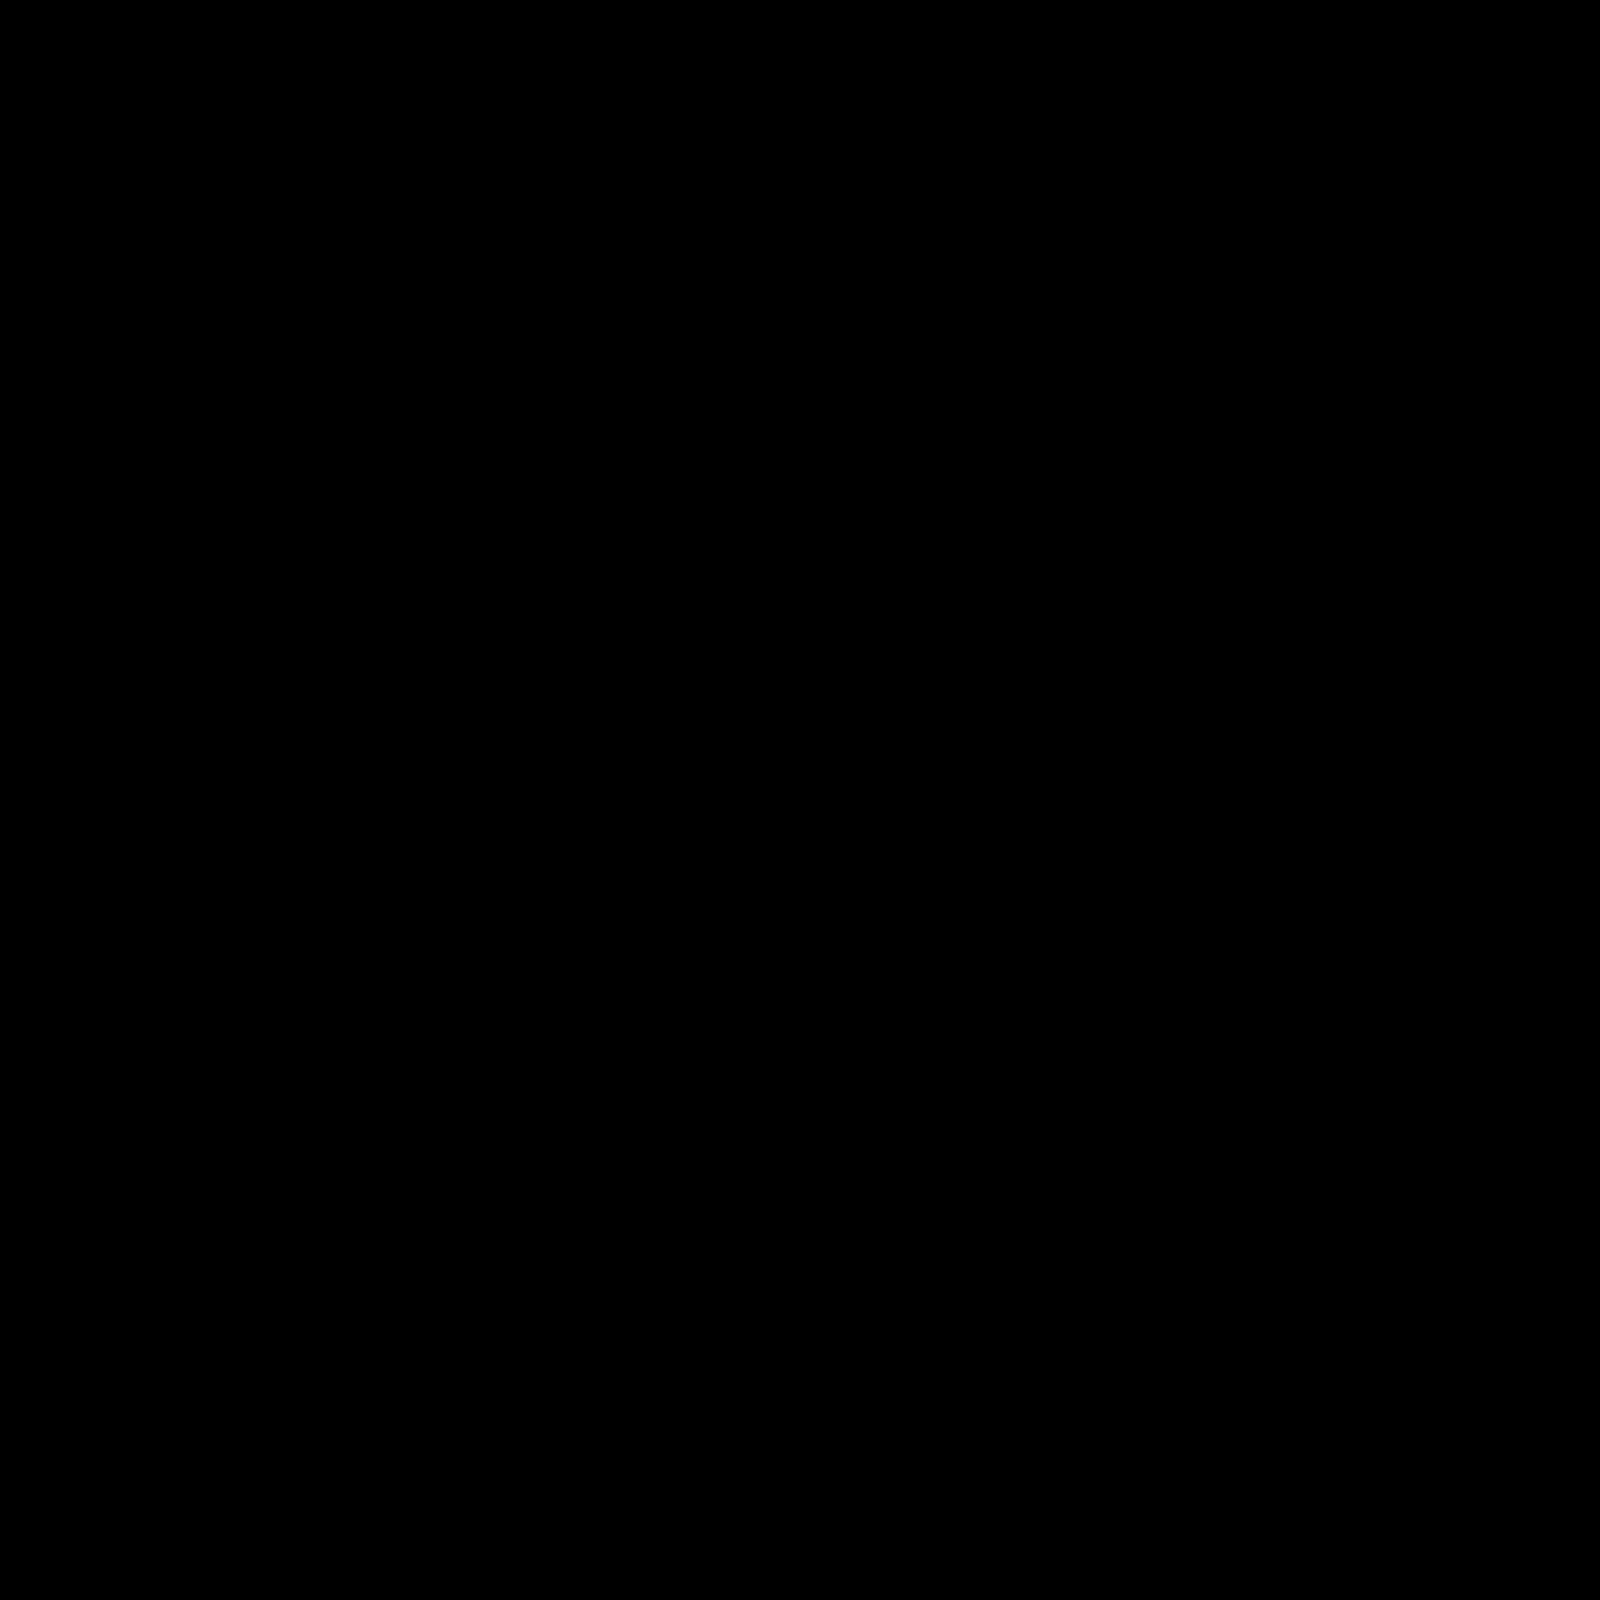 タイル icon. This logo displays a set of two images placed inside squares with text lined up to the right of each image. The top image features a jagged mountain with a sun or moon in the sky. The bottom image features a single flower.